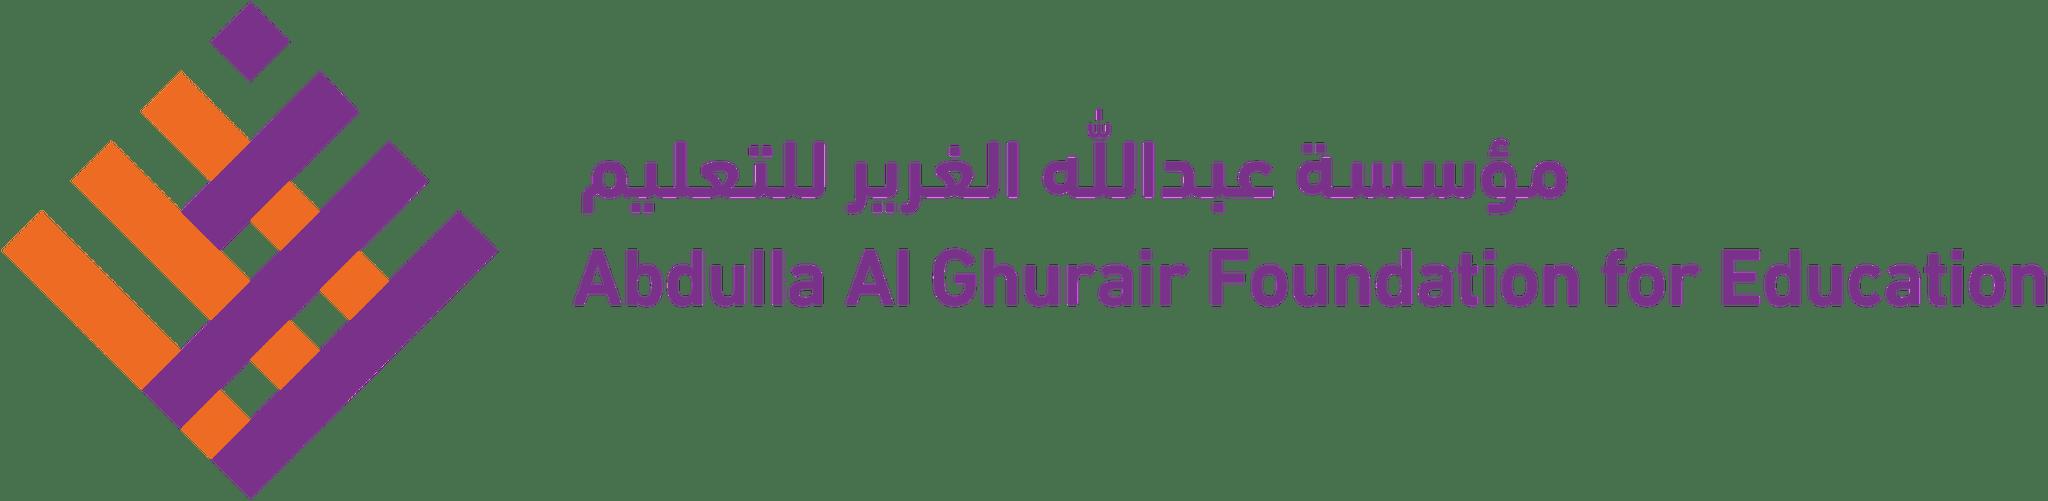 Abdulla Al Ghurair Foundation for Education